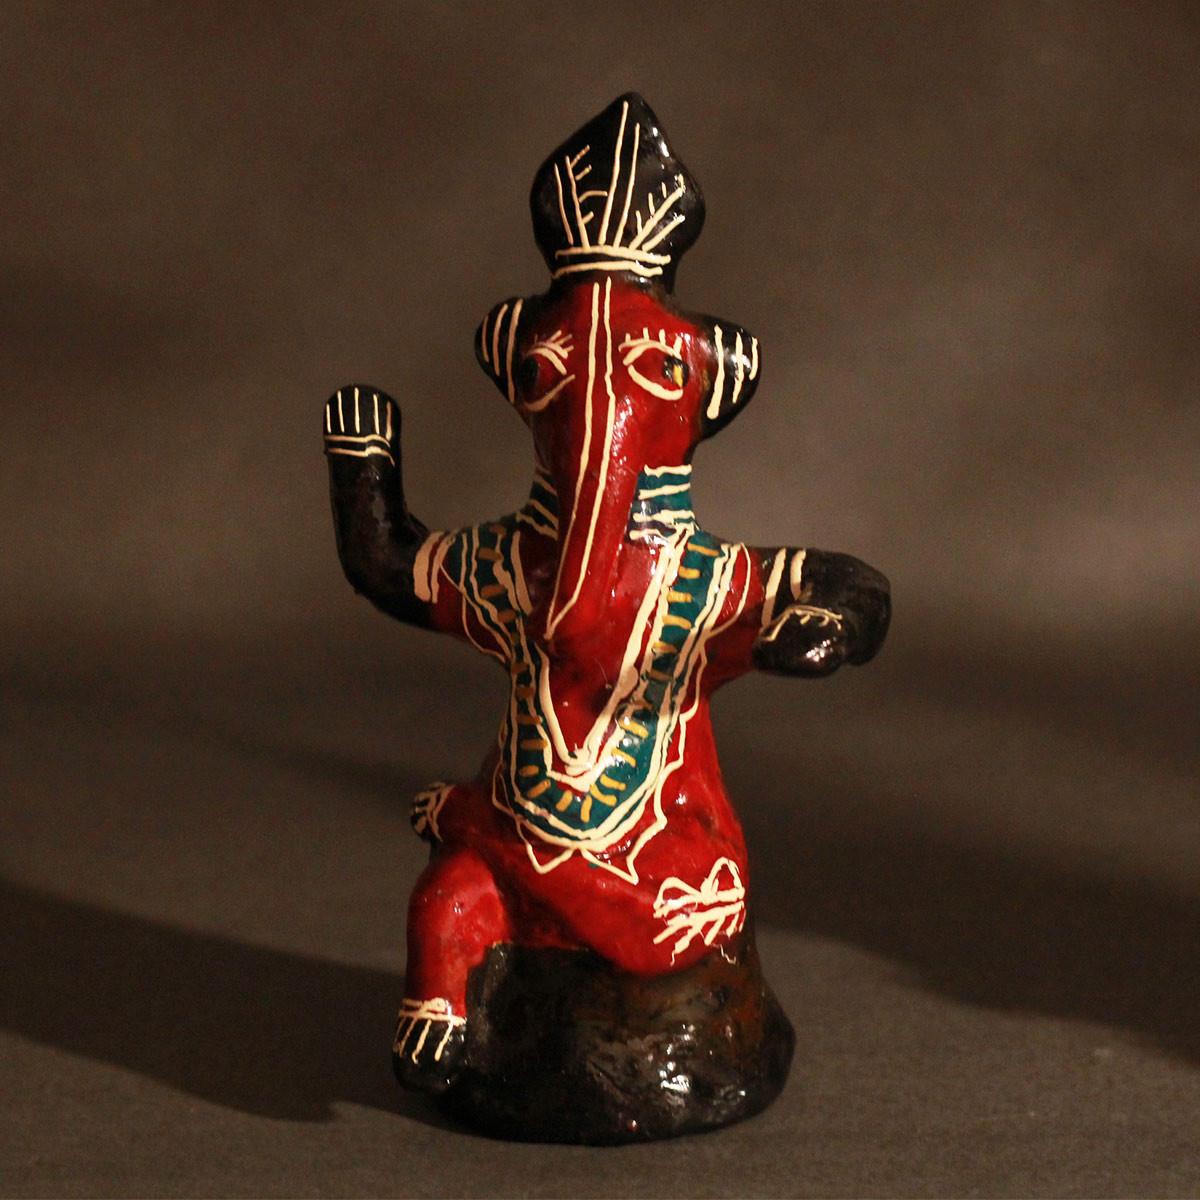 Galar Putul / Shellac Dolls- Set of 3 Shri Ganesha Figures